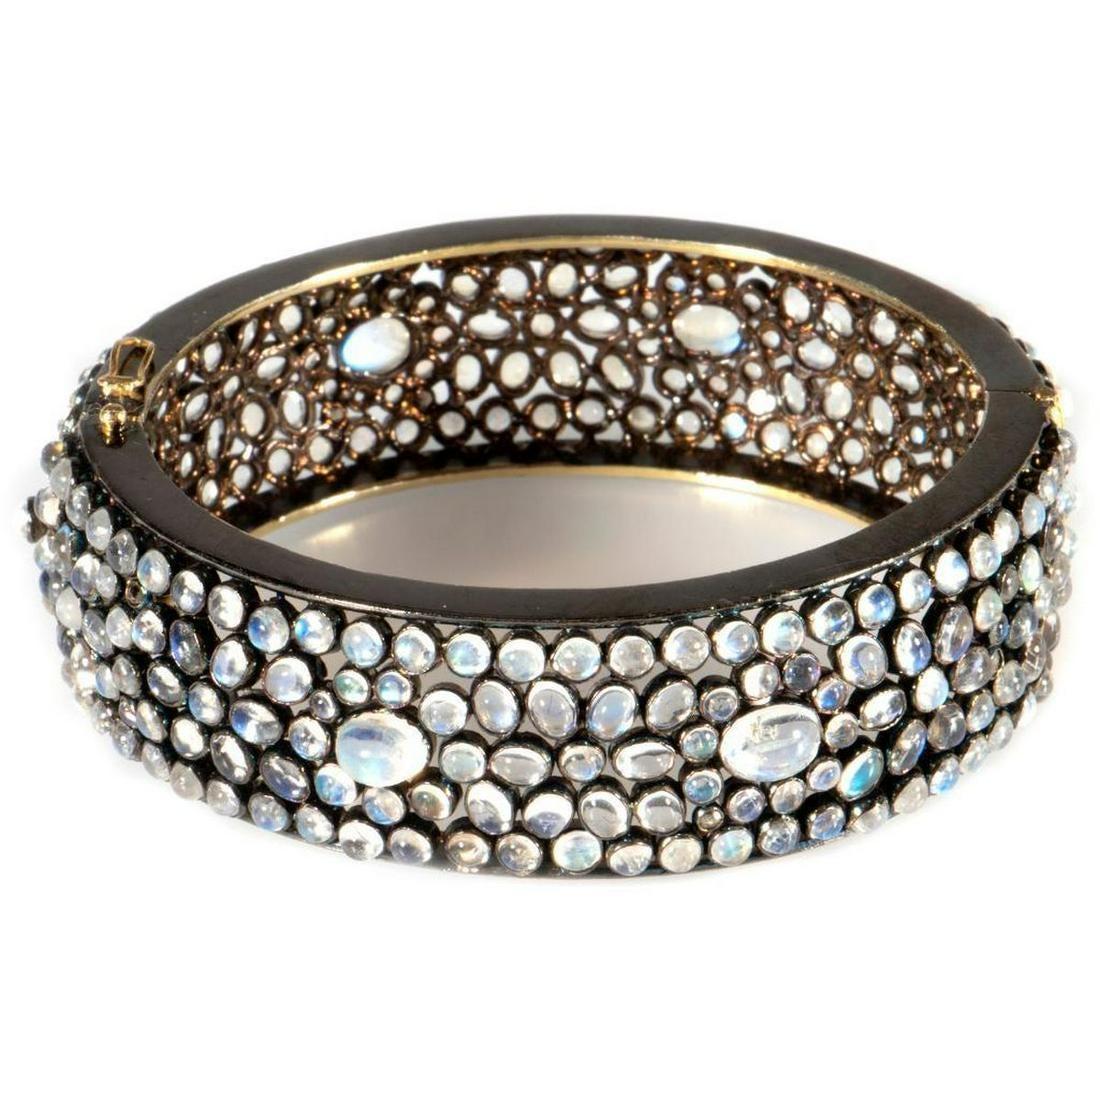 Moonstone, blackened silver, 14k gold bangle bracelet